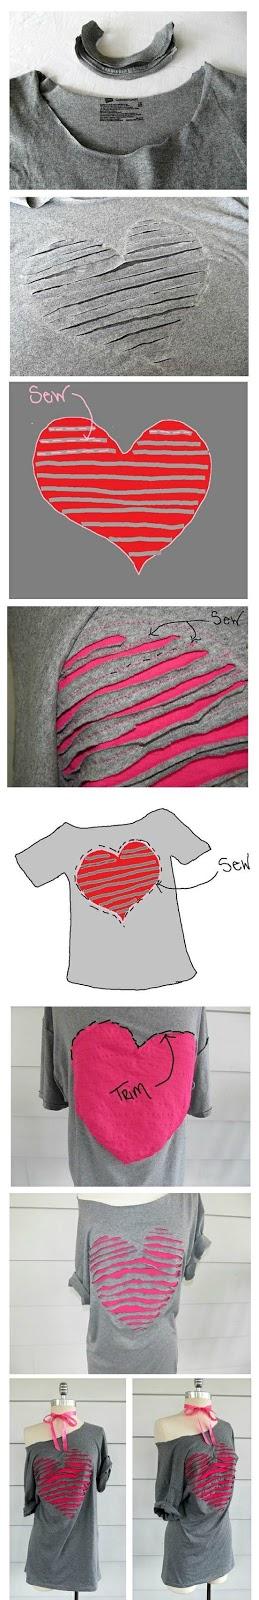 diy customizando camiseta con un corazón